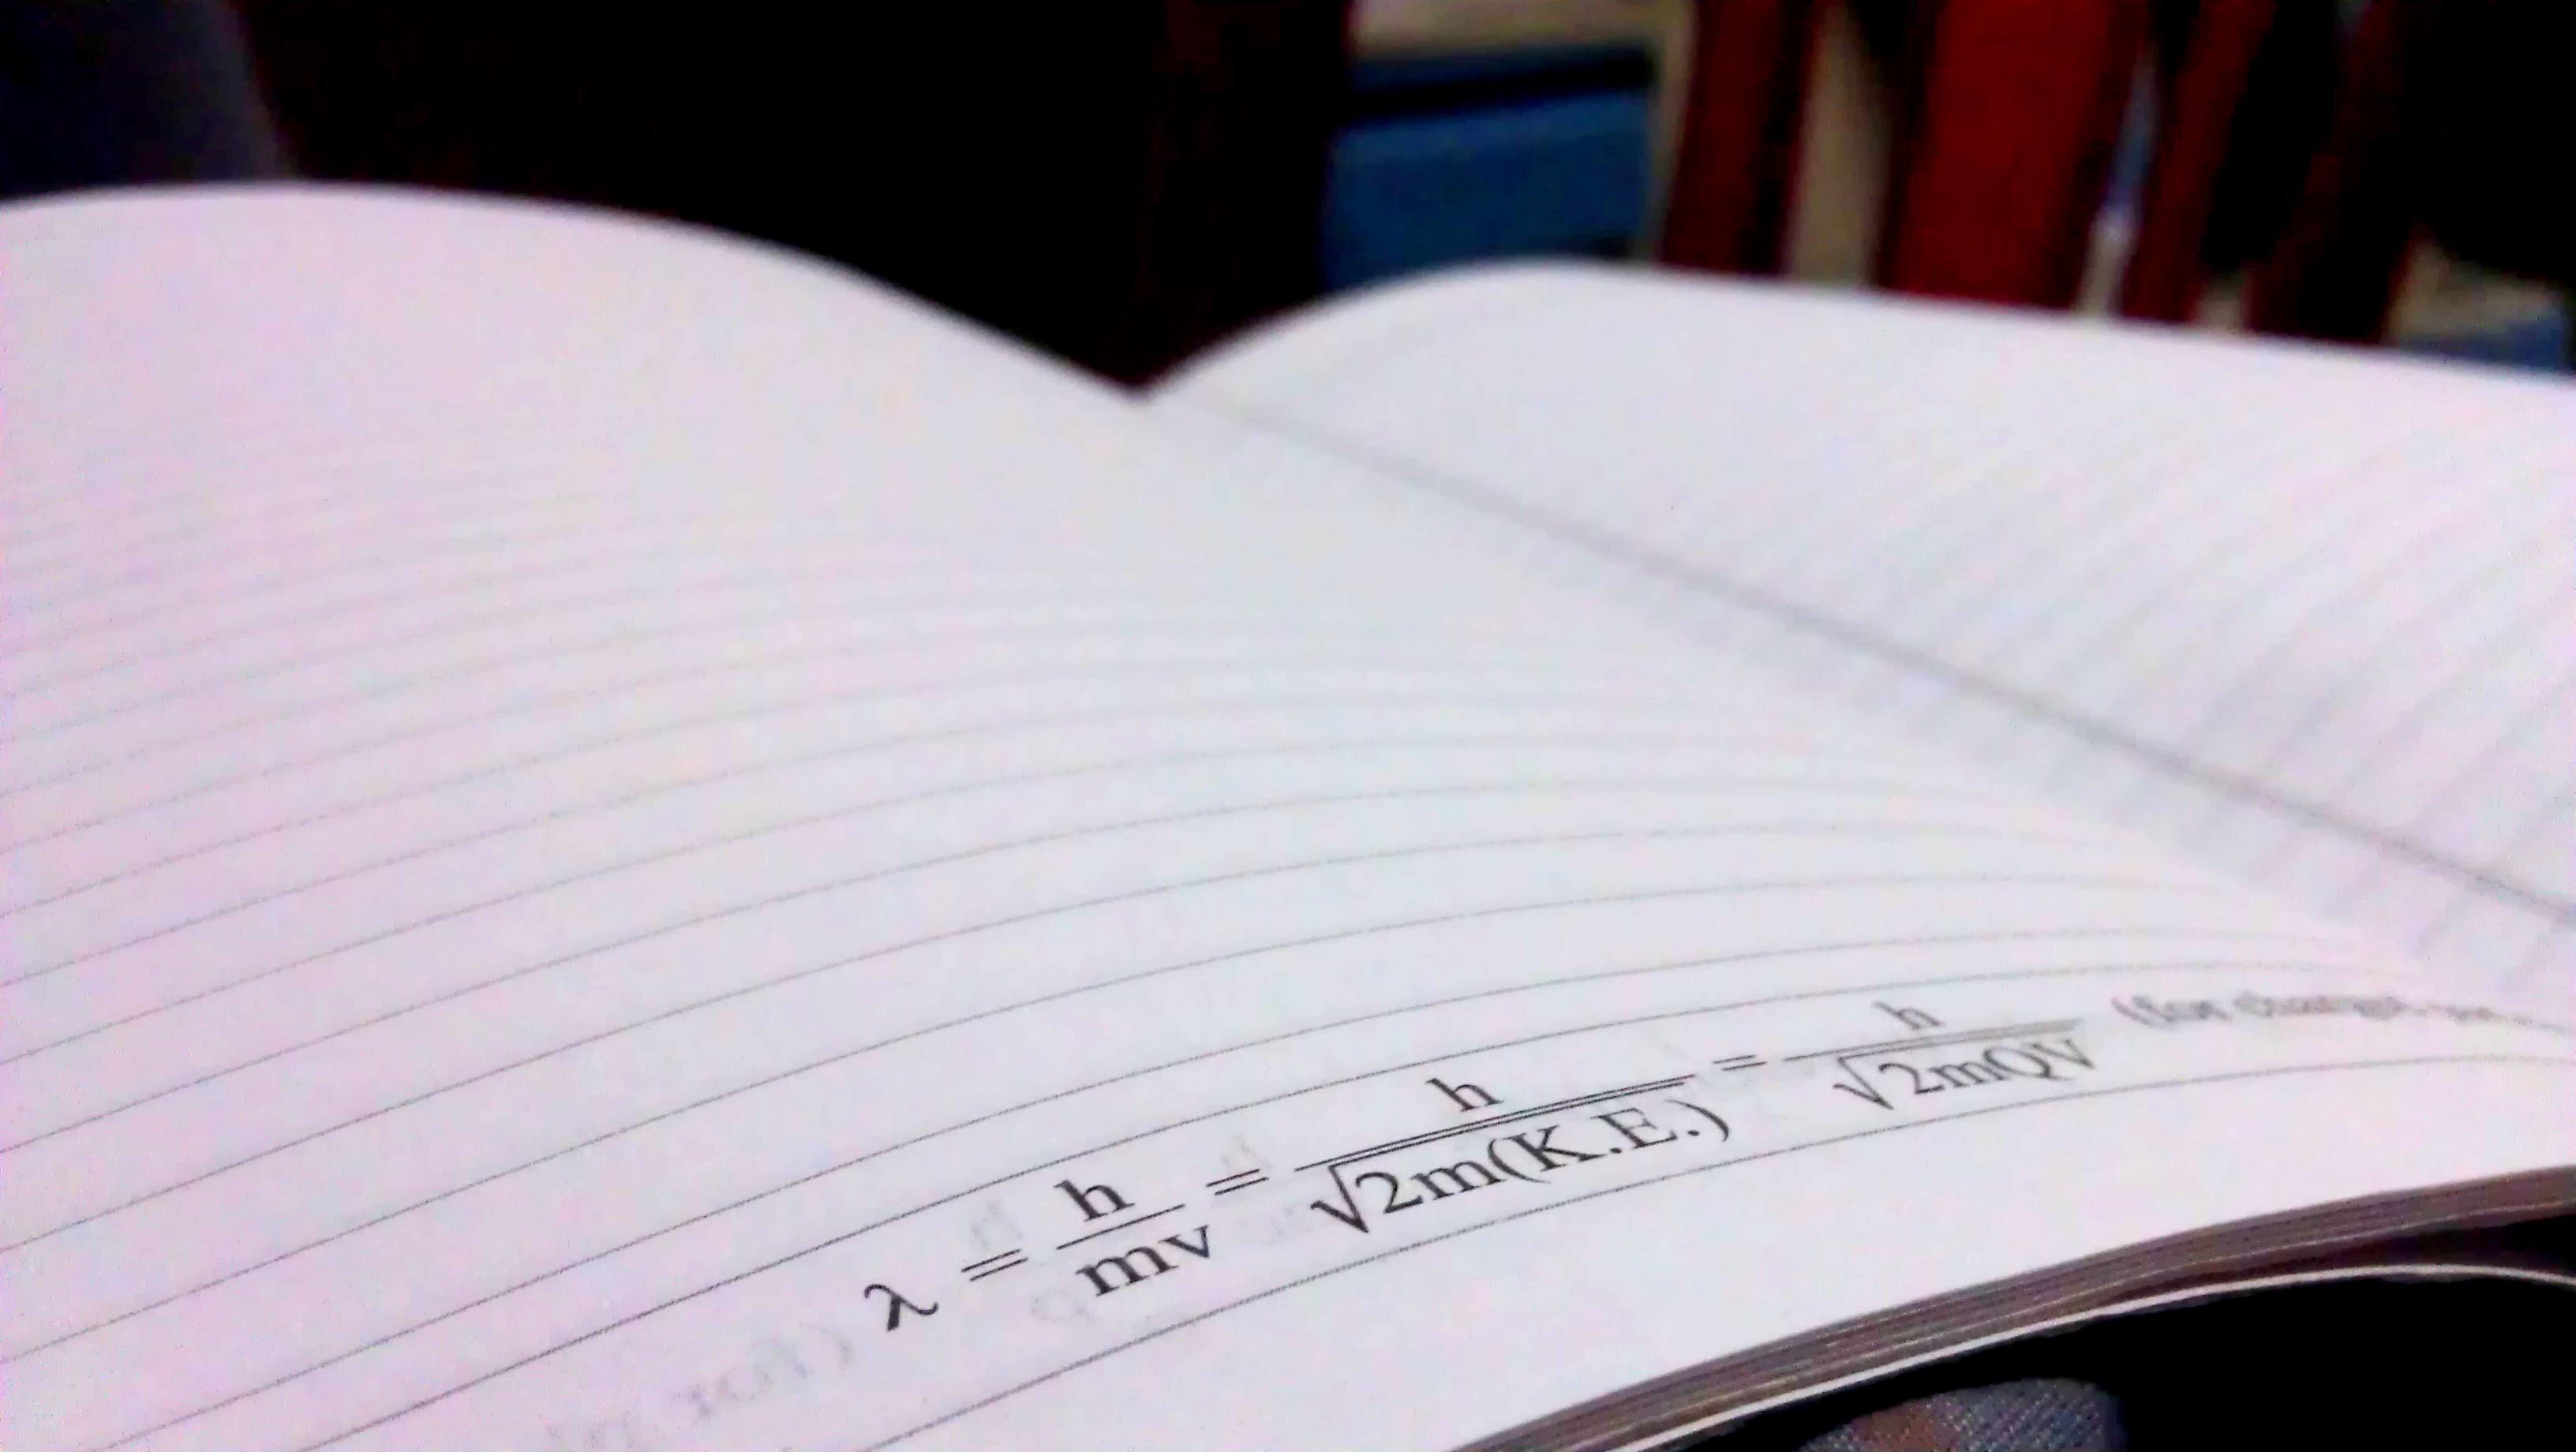 Notebook+